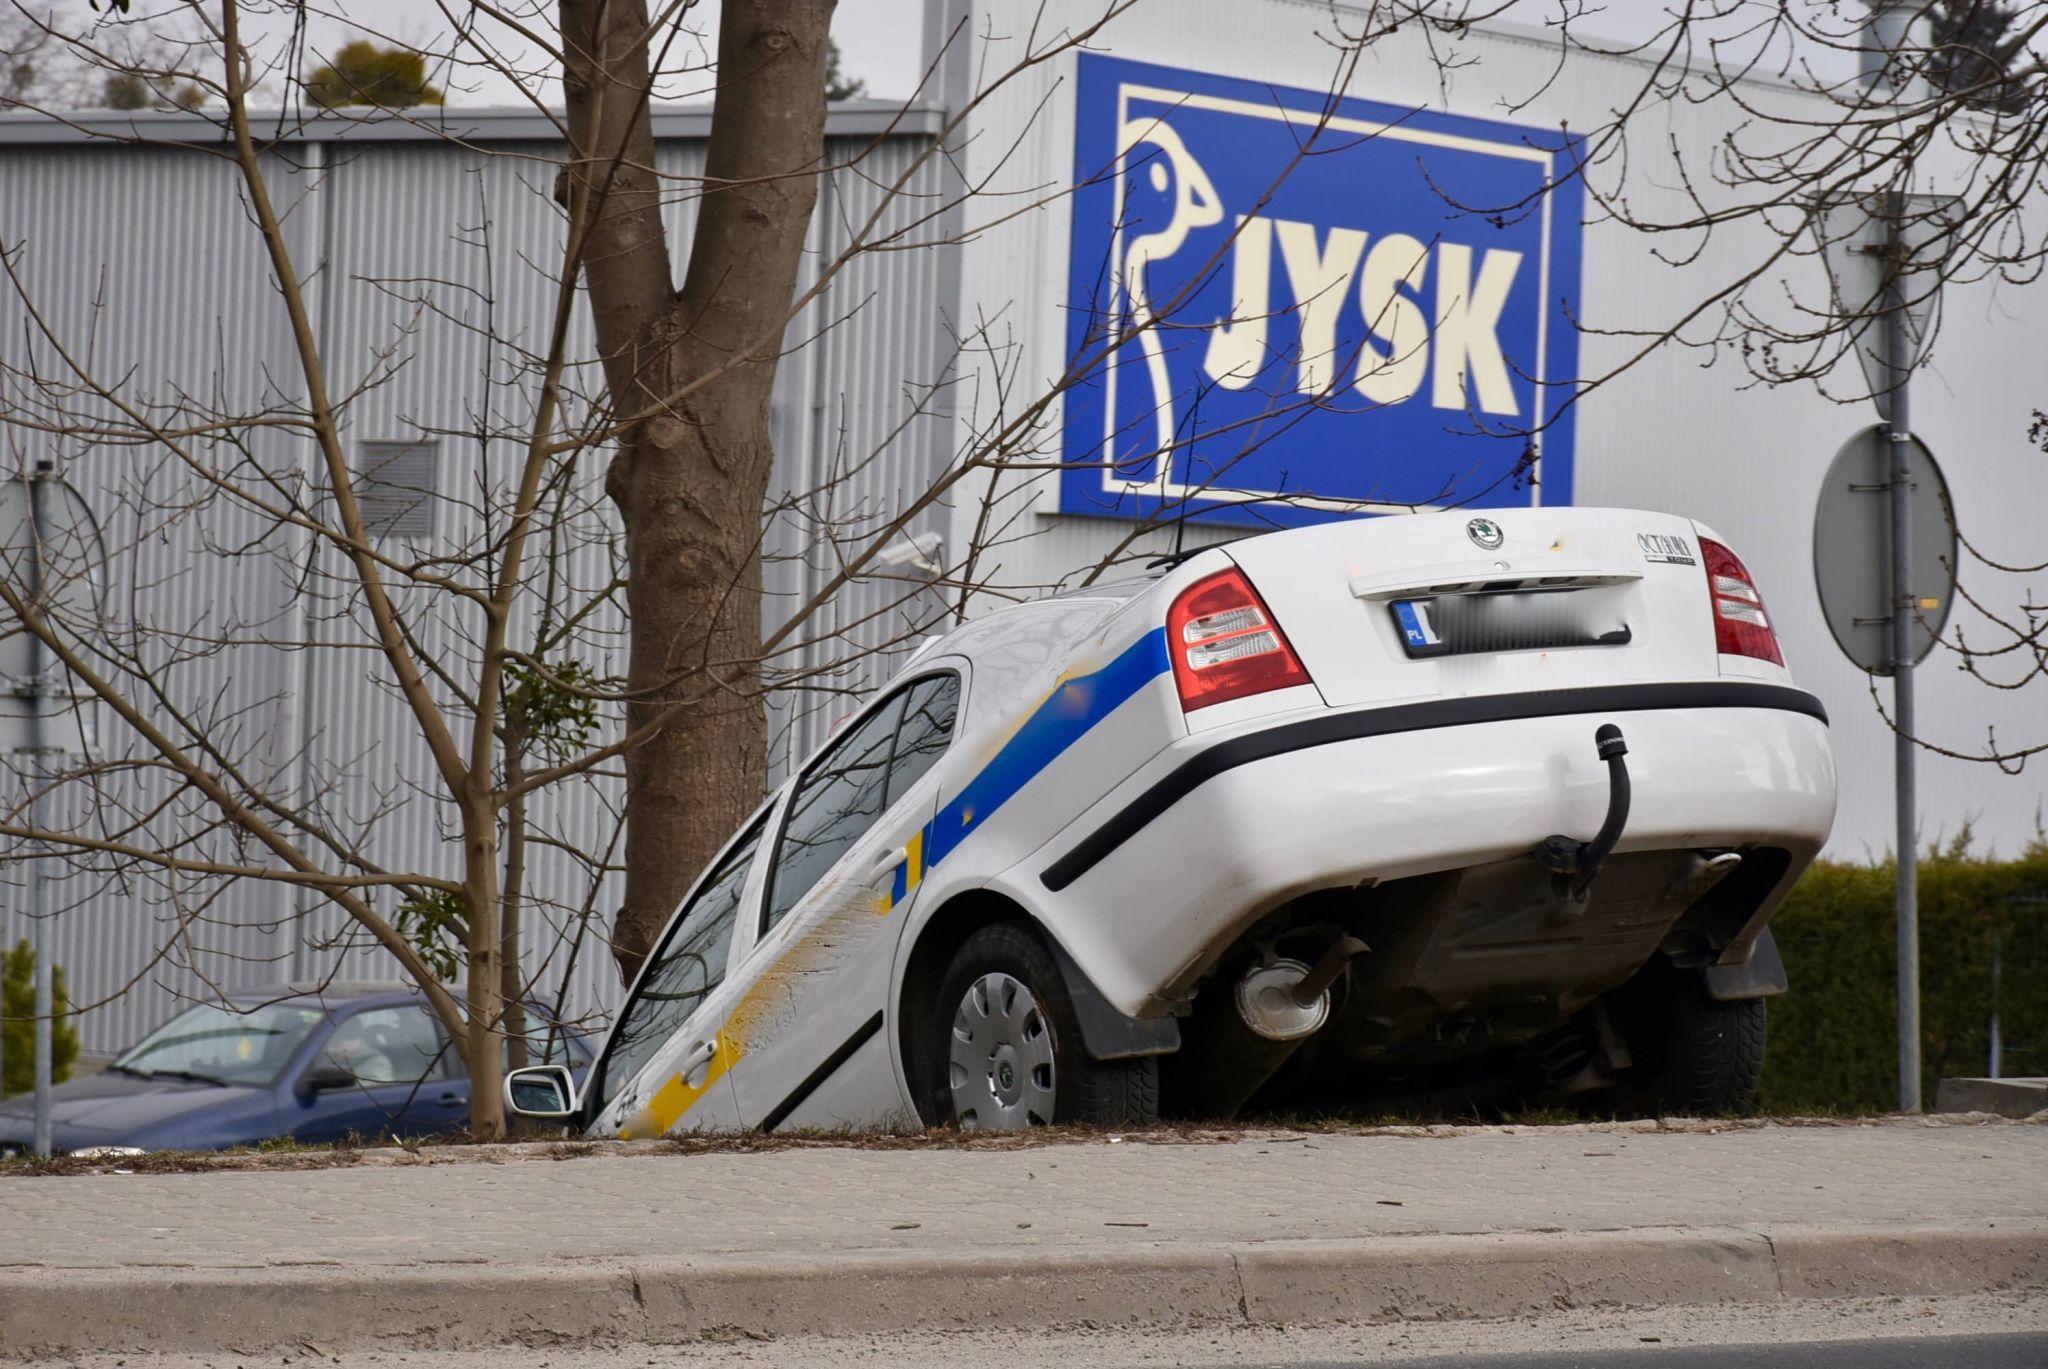 dsc 3515 Zamość: Uderzył taksówką w mur cmentarza